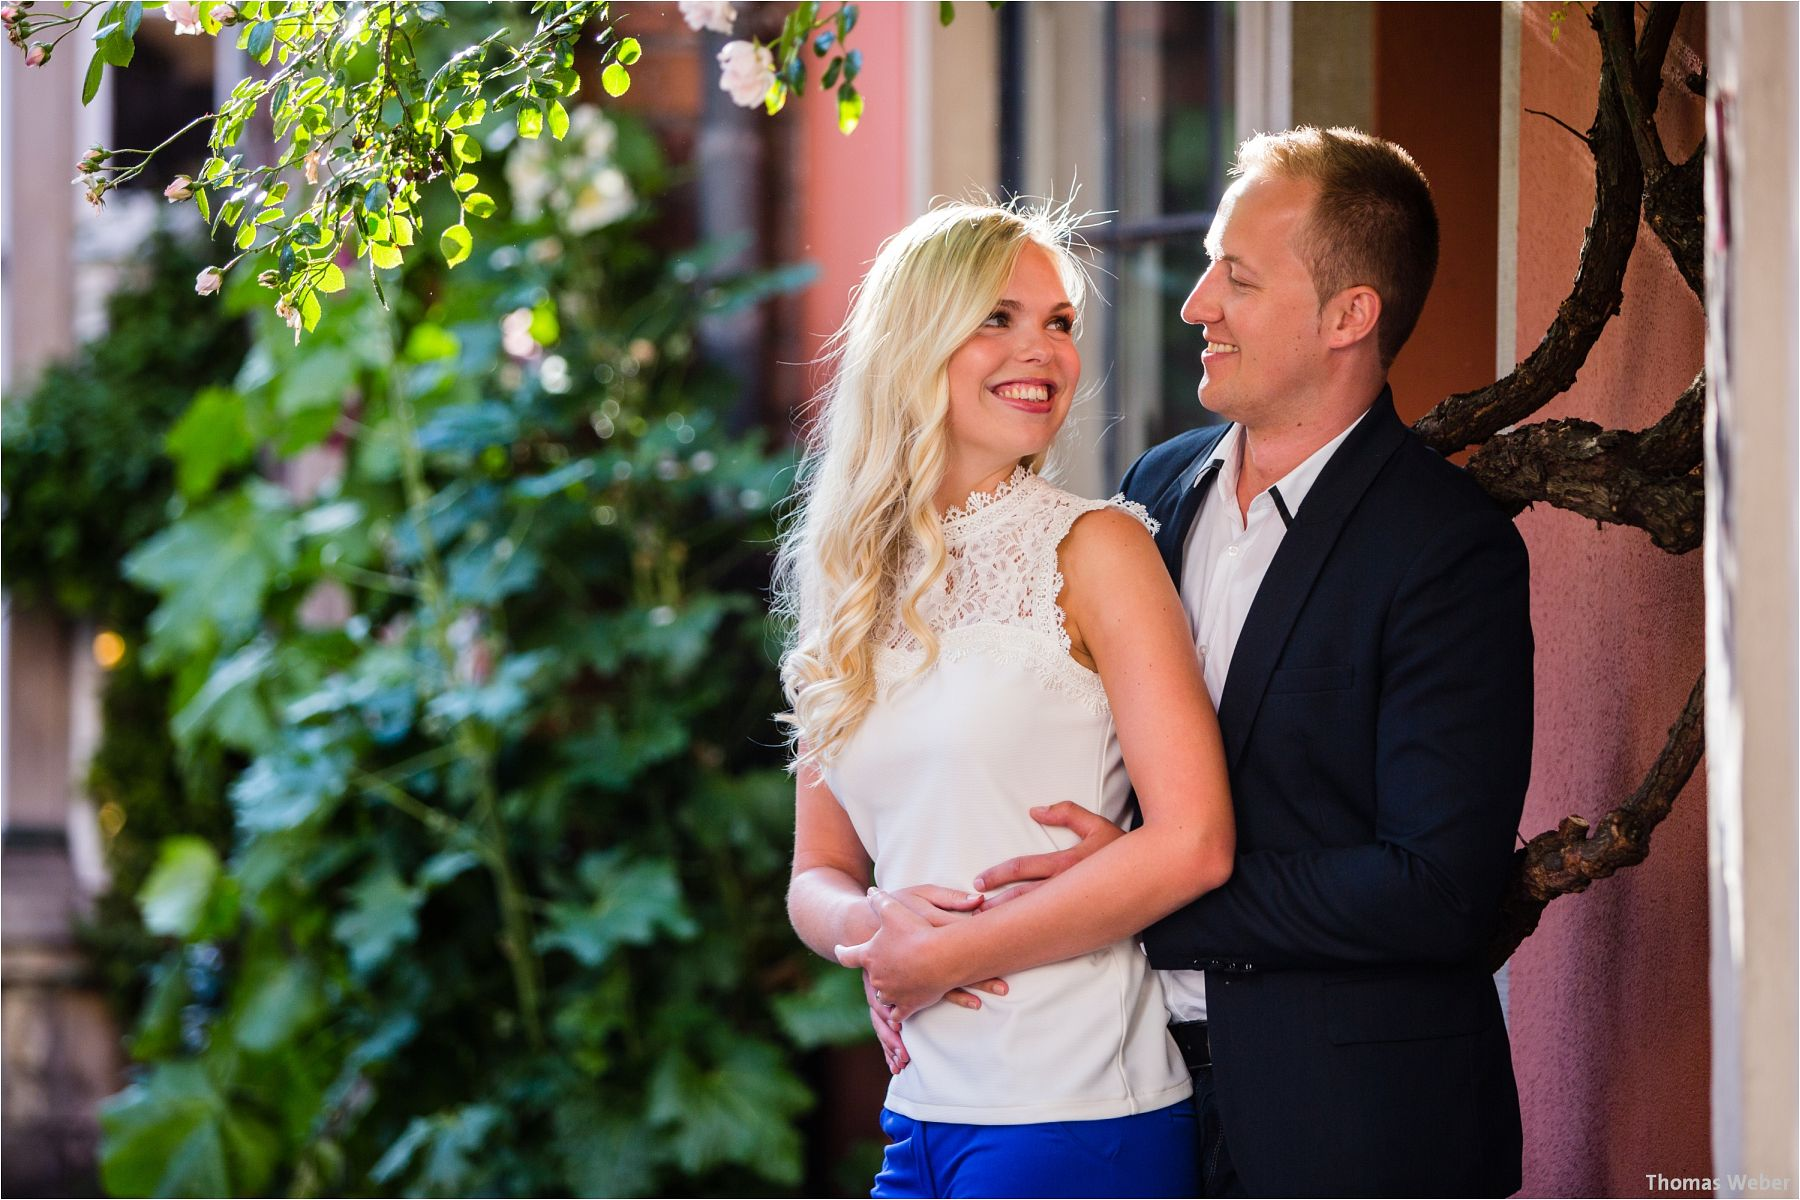 Hochzeitsfotograf Thomas Weber aus Oldenburg: Engagement-Shooting in Bremen